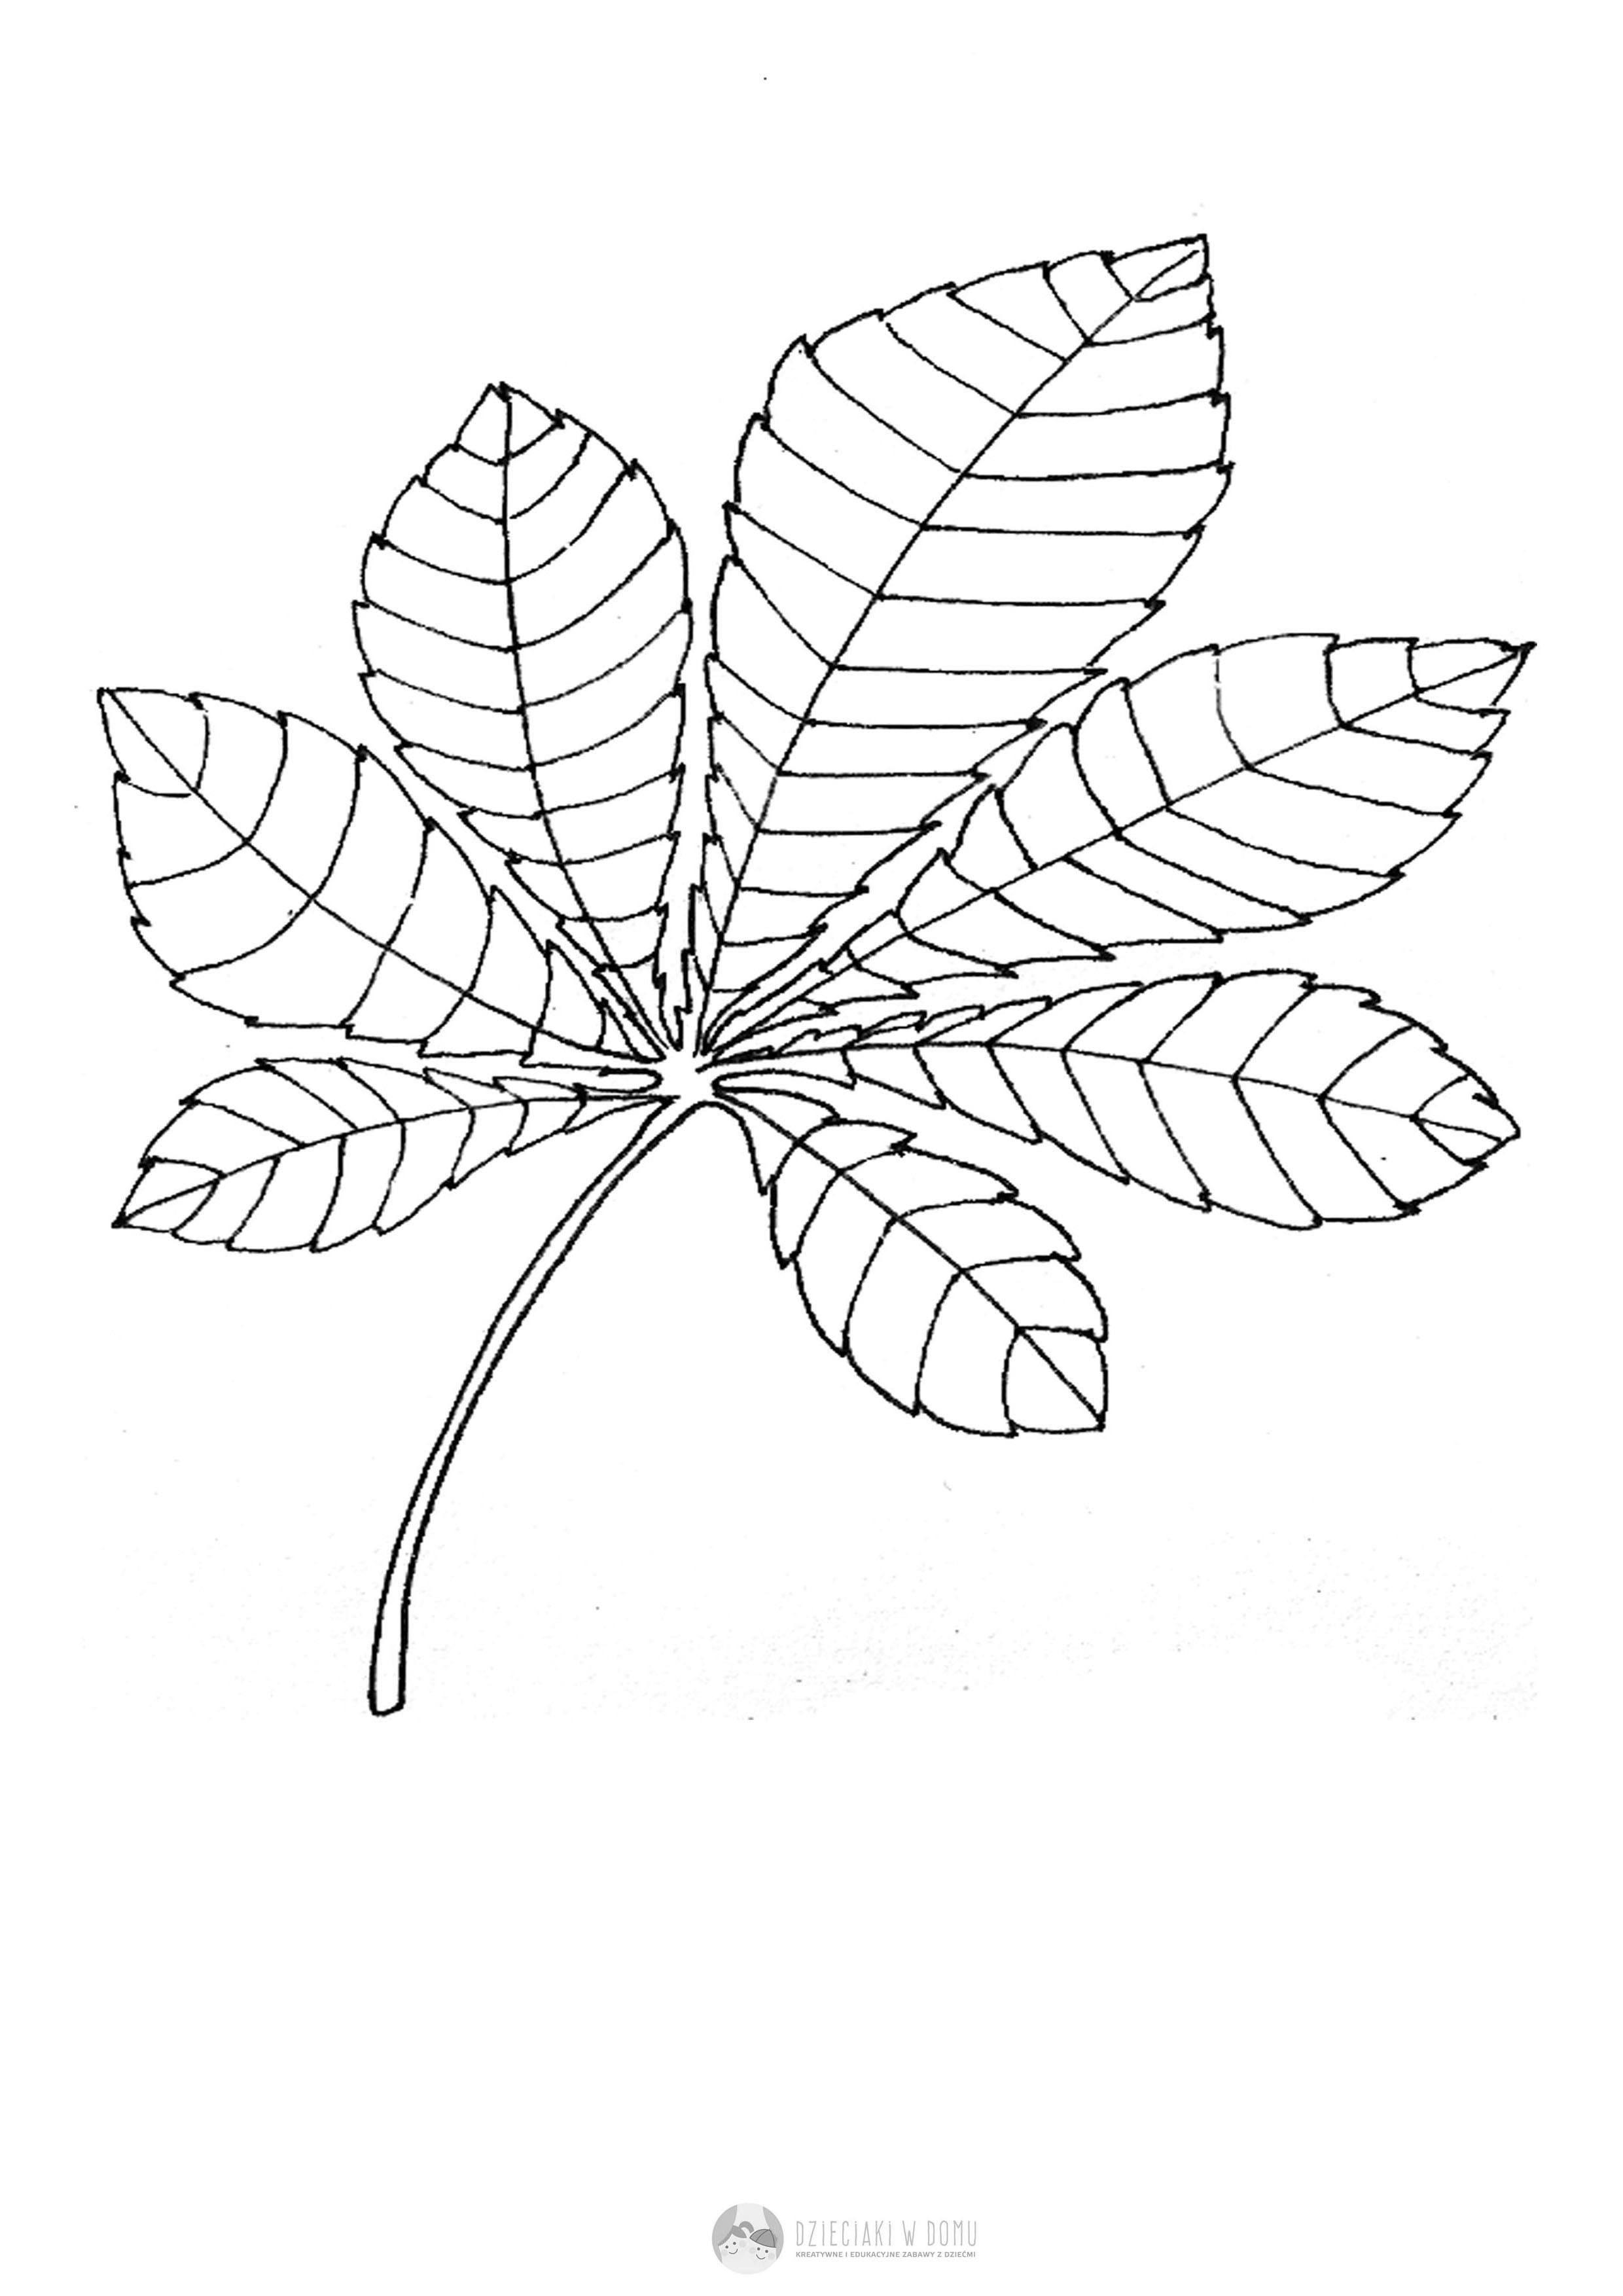 Liscie Drzew Szablony I Karty Pracy Dzieciaki W Domu Leaf Template Plant Leaves Arts And Crafts